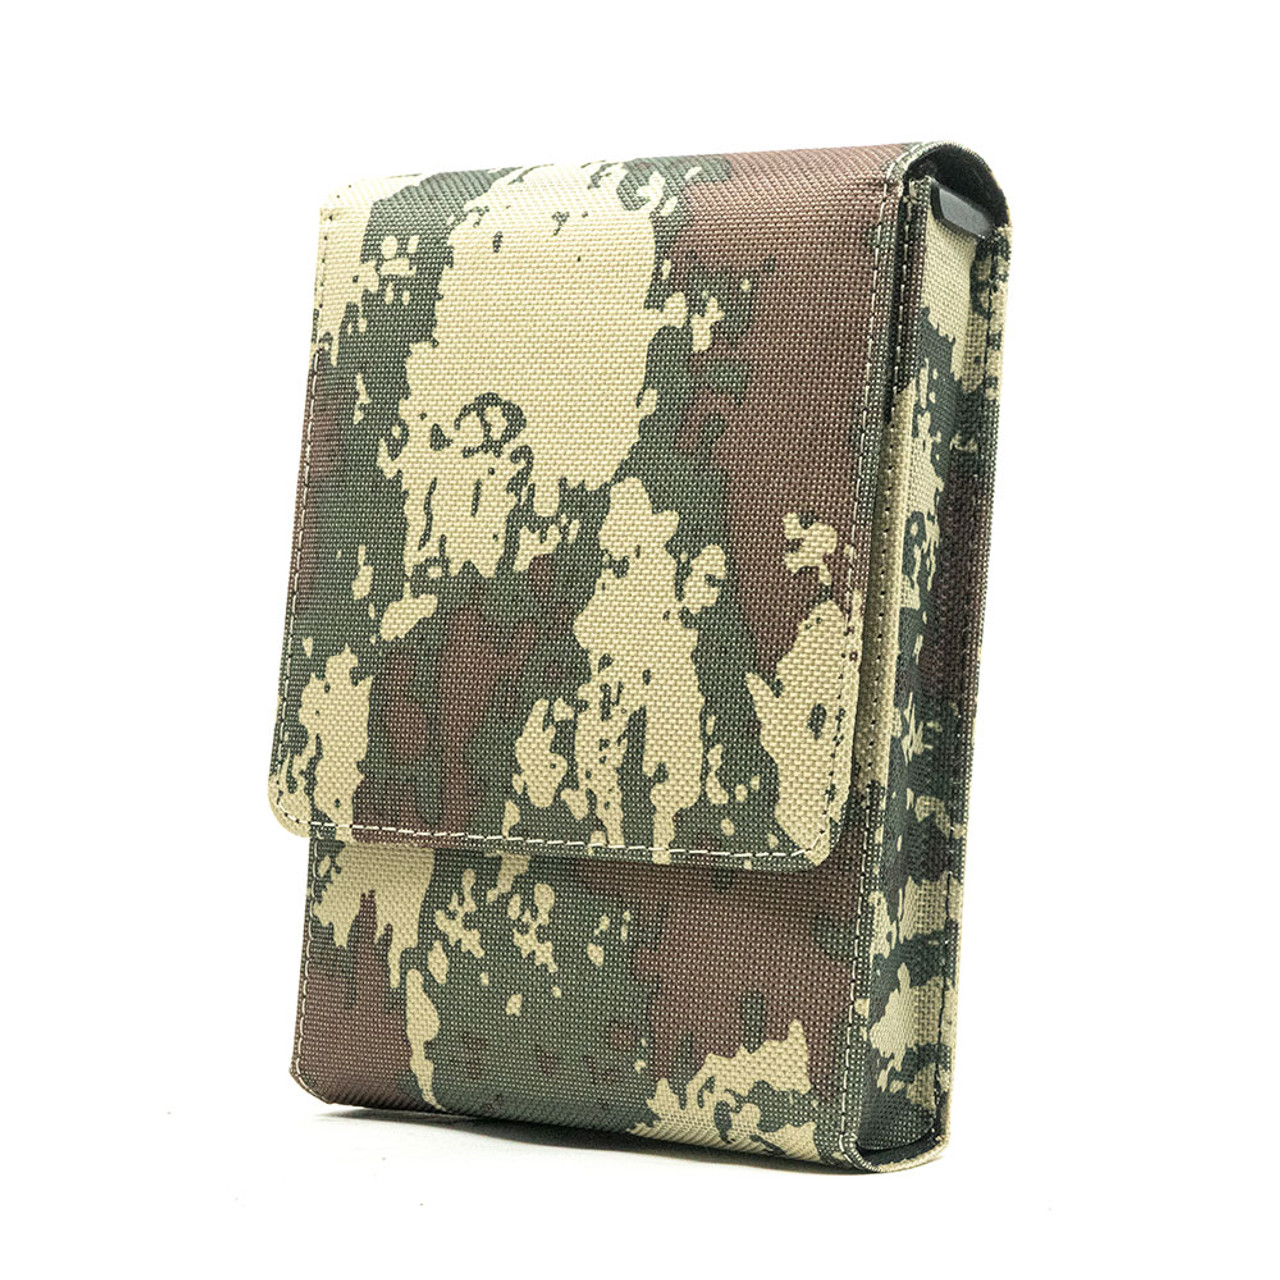 HK VP40 Camouflage Nylon Series Holster